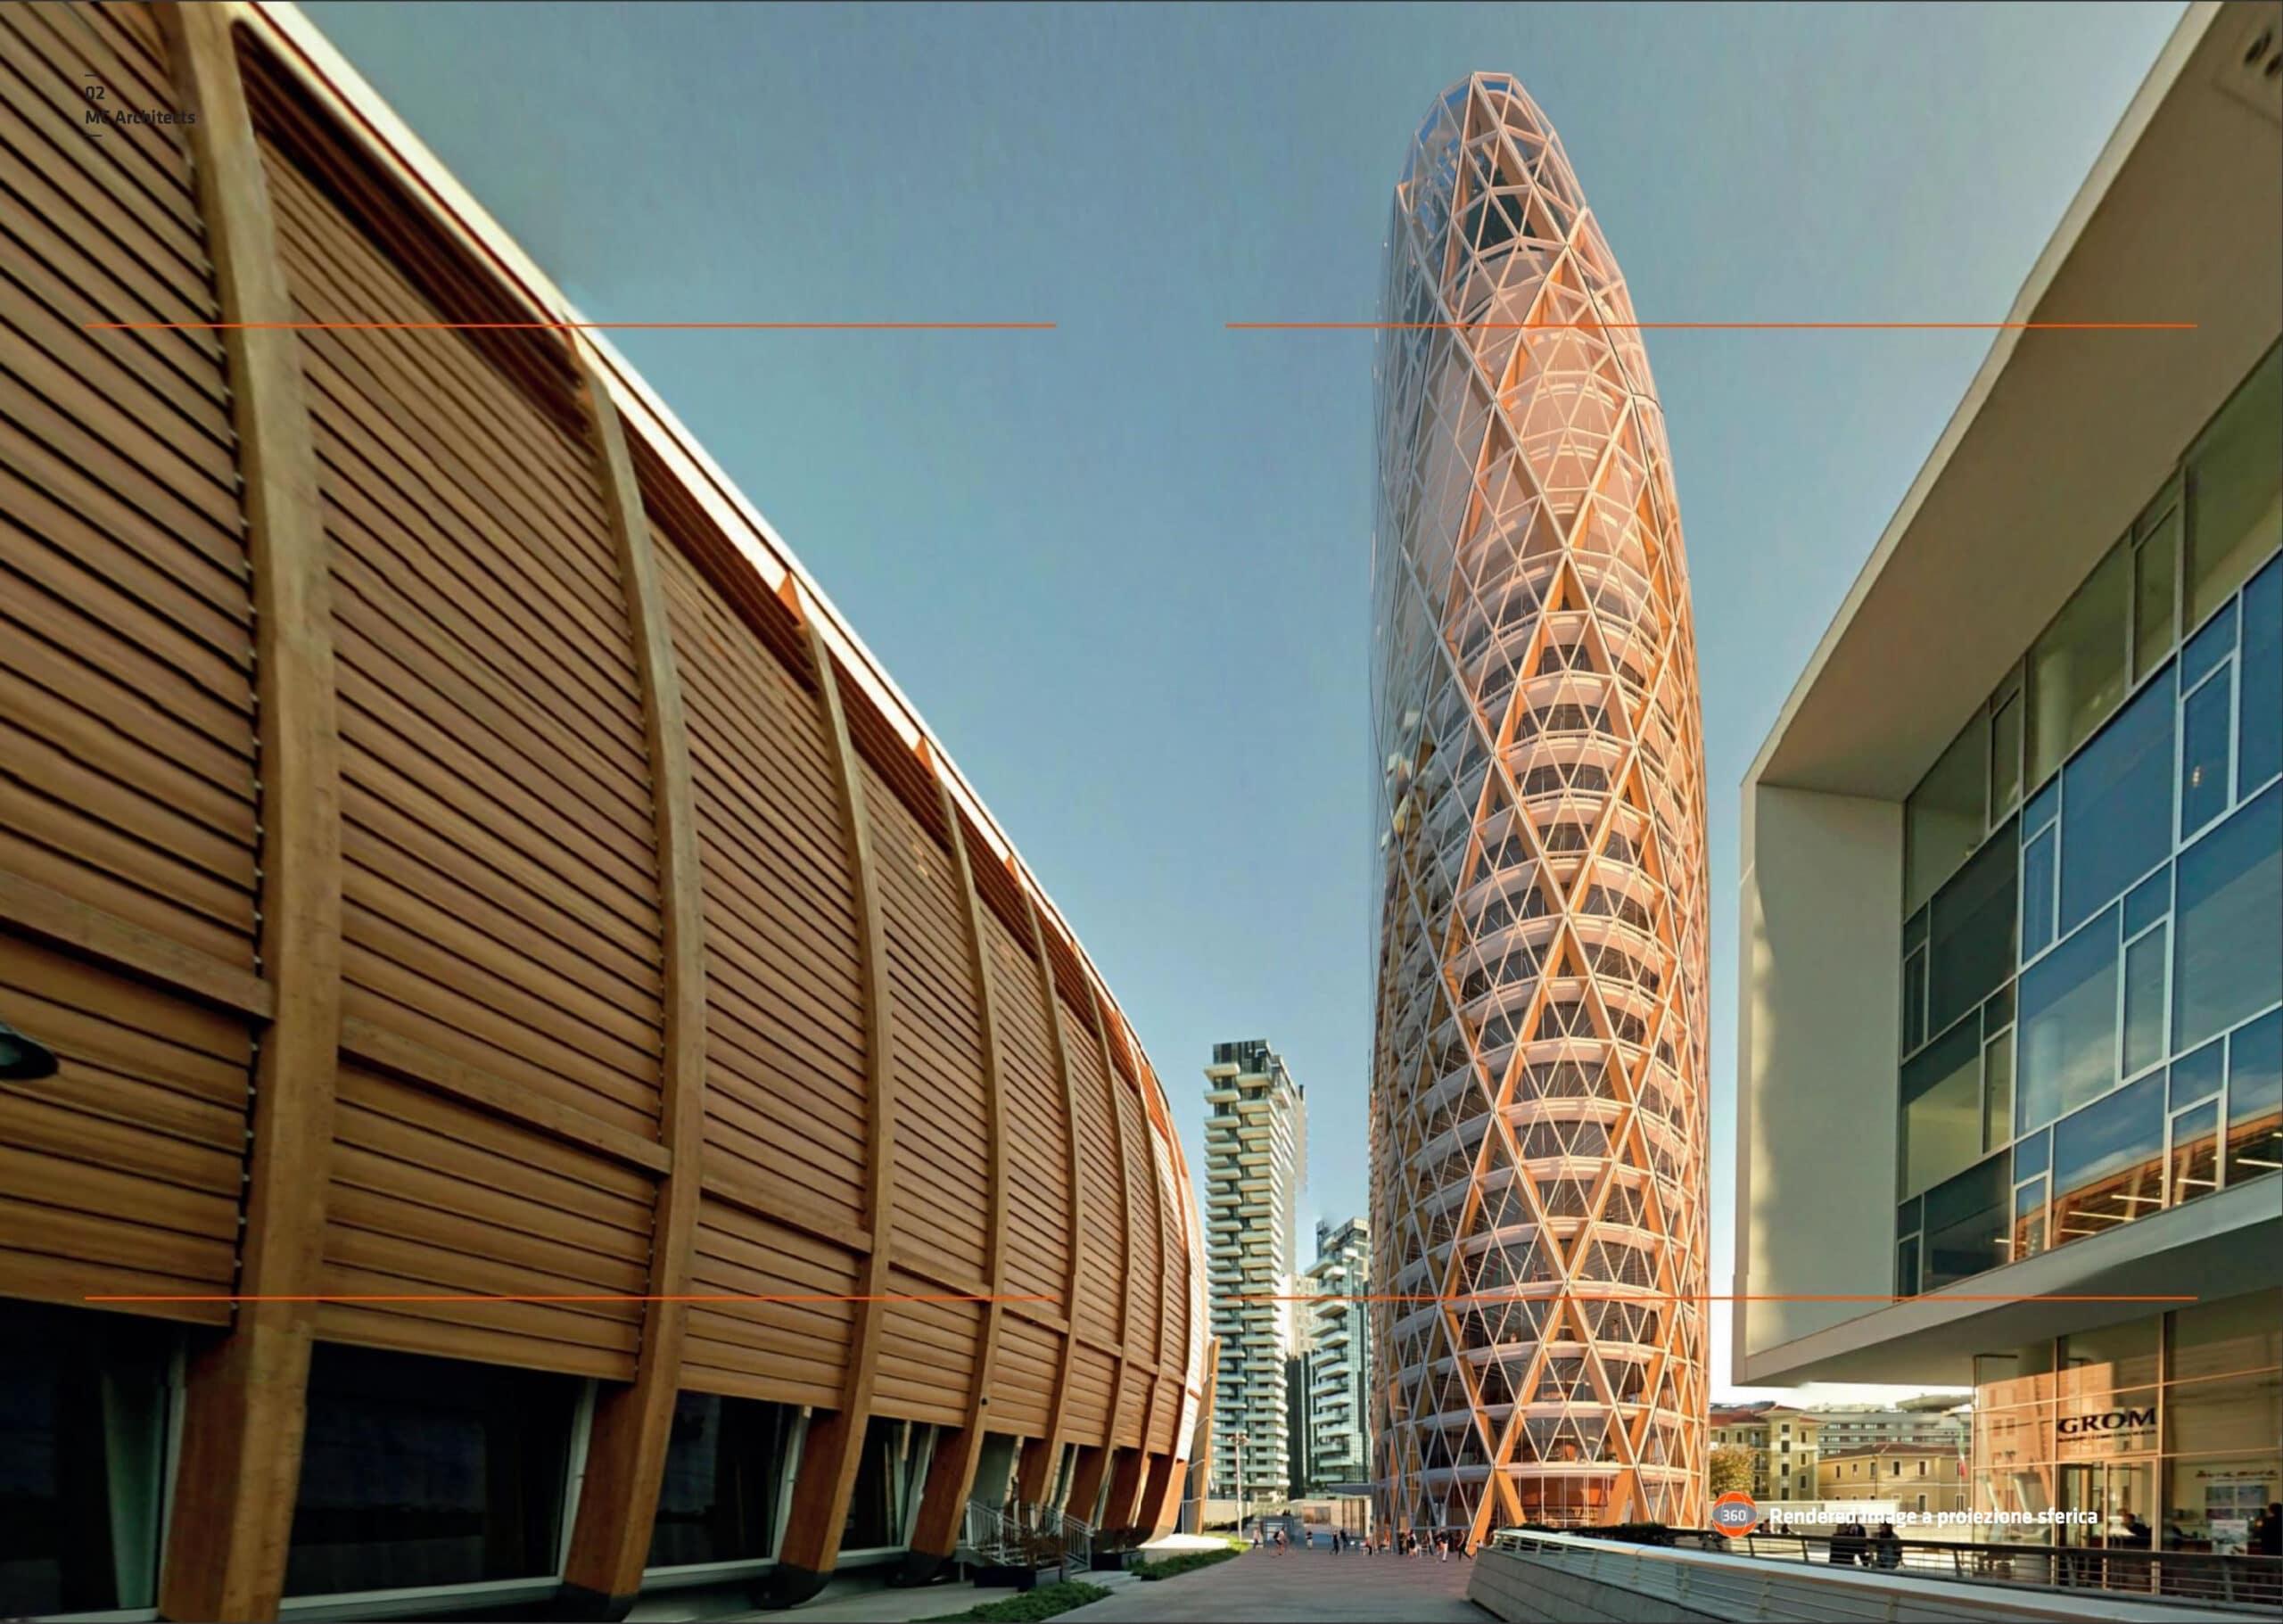 Il nido verticale di Milano, il nuovo centro direzionale Unipol